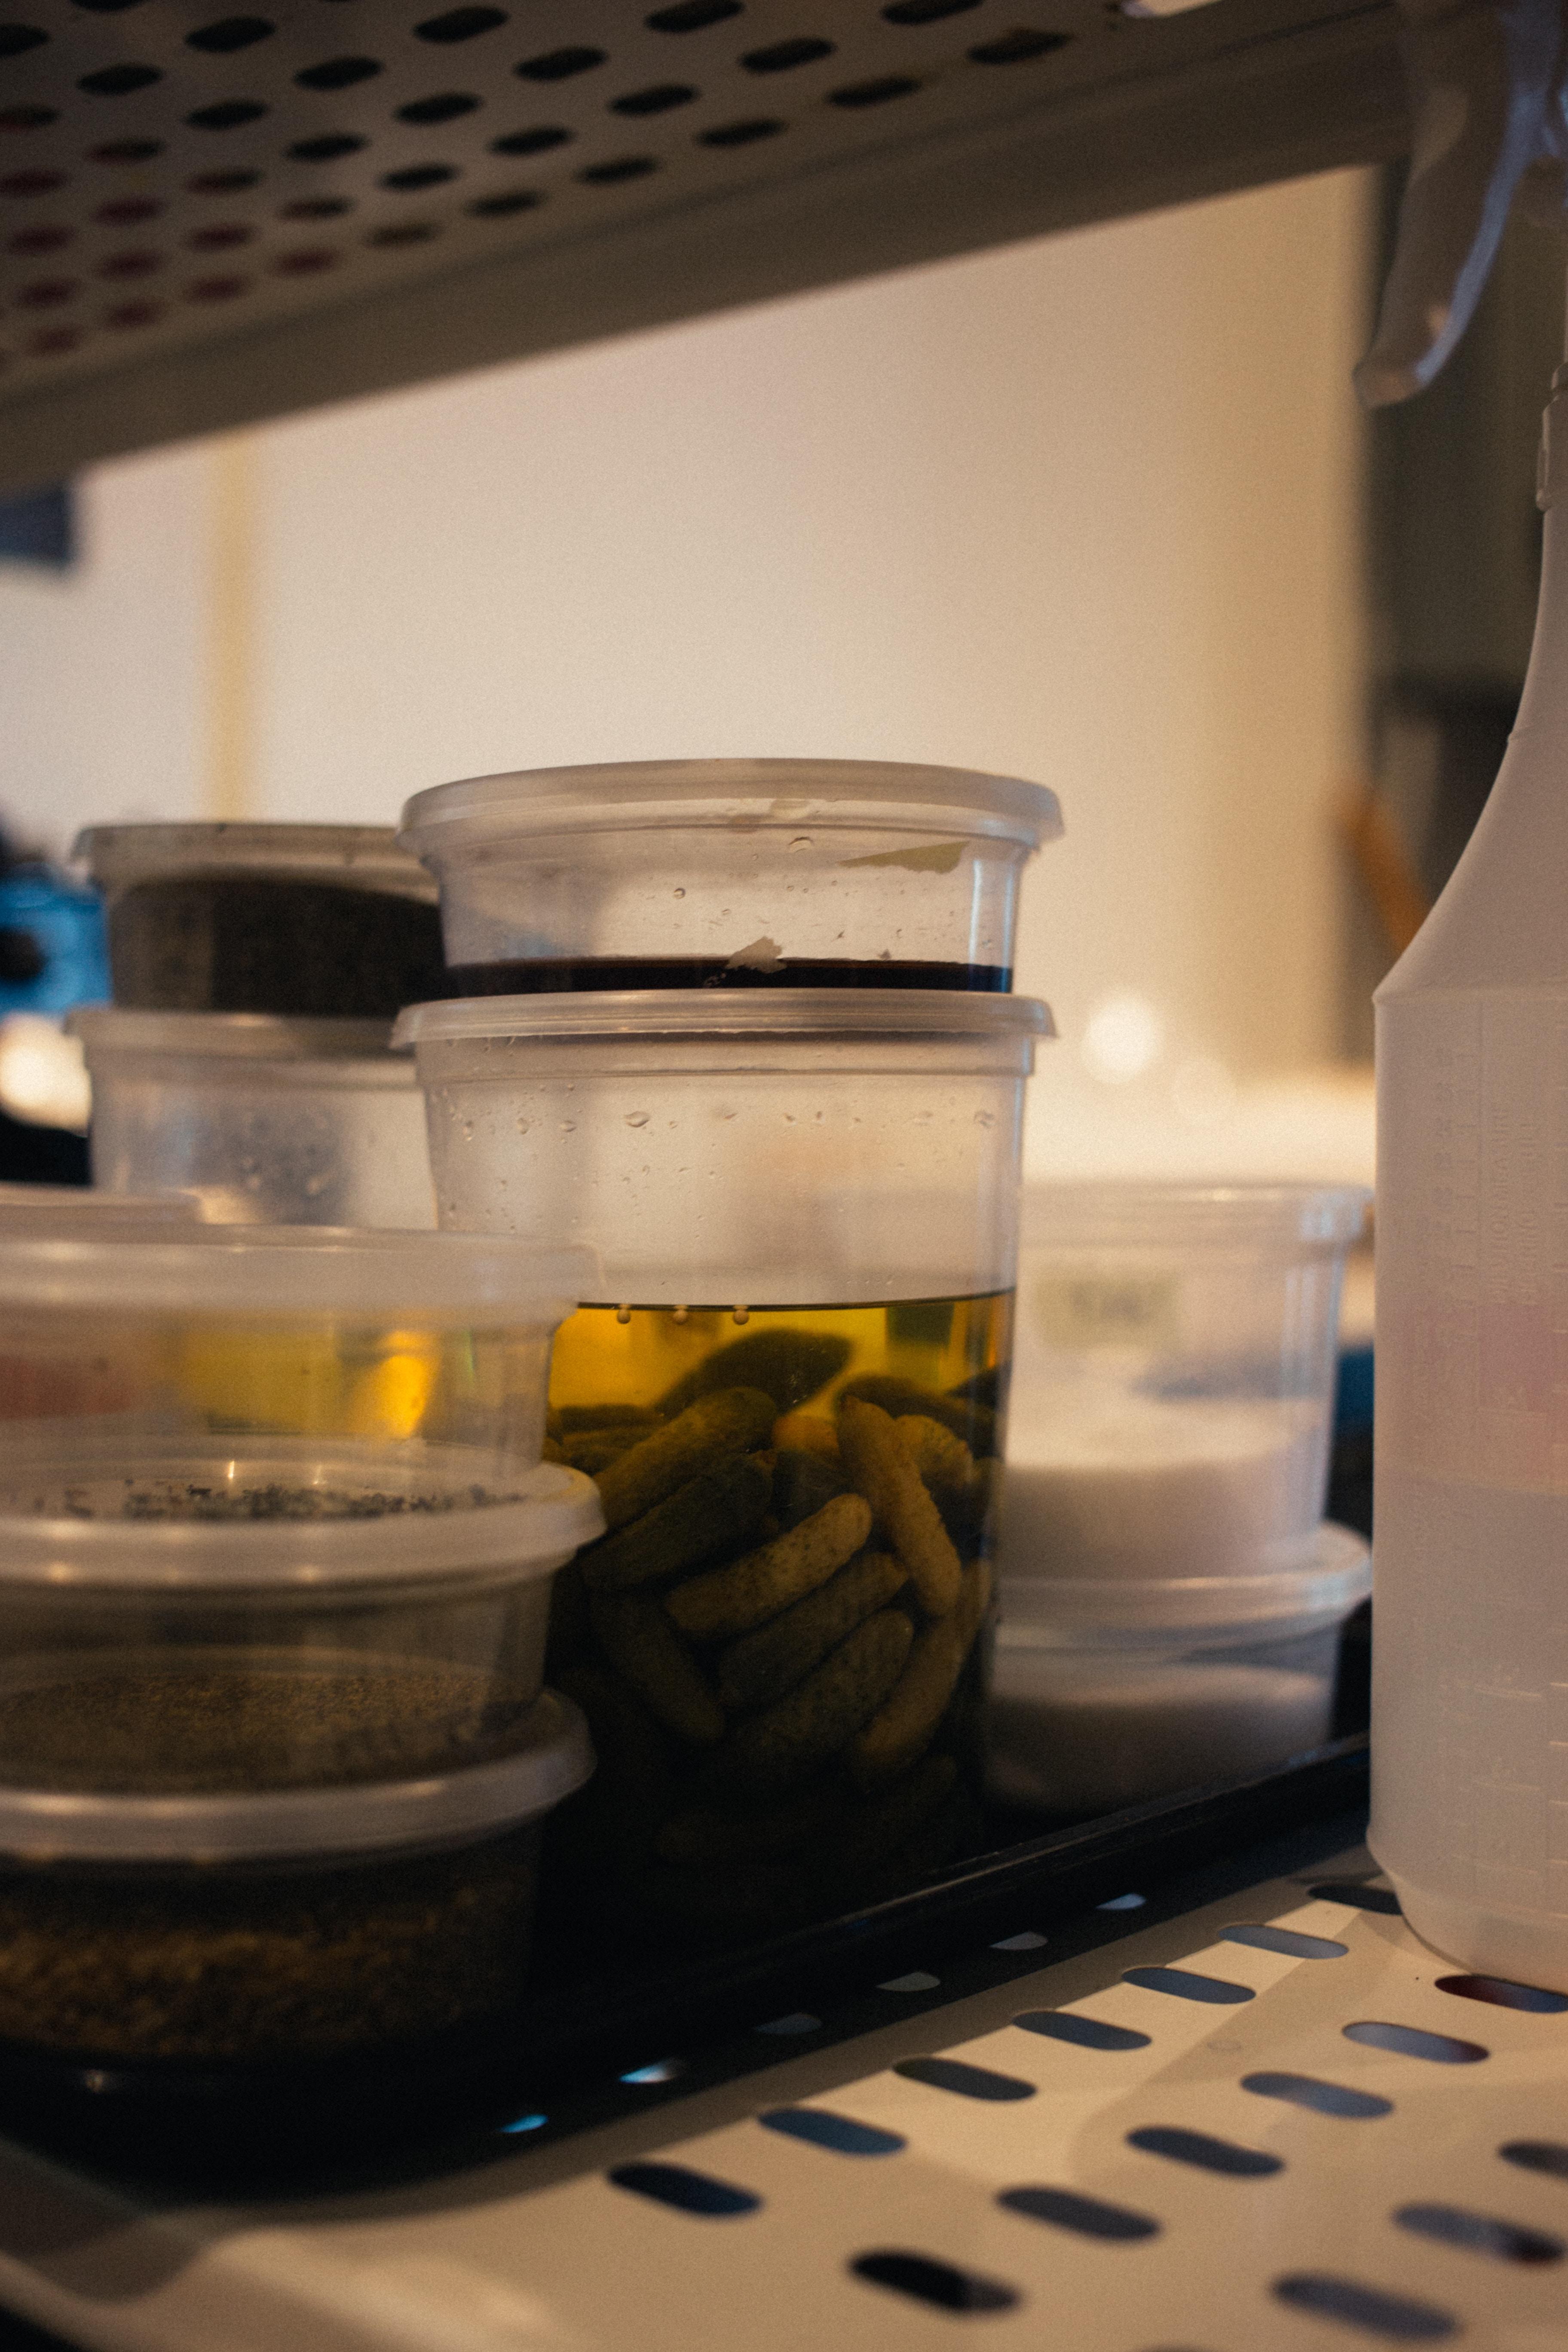 時短をかなえる 冷蔵庫収納の見直し